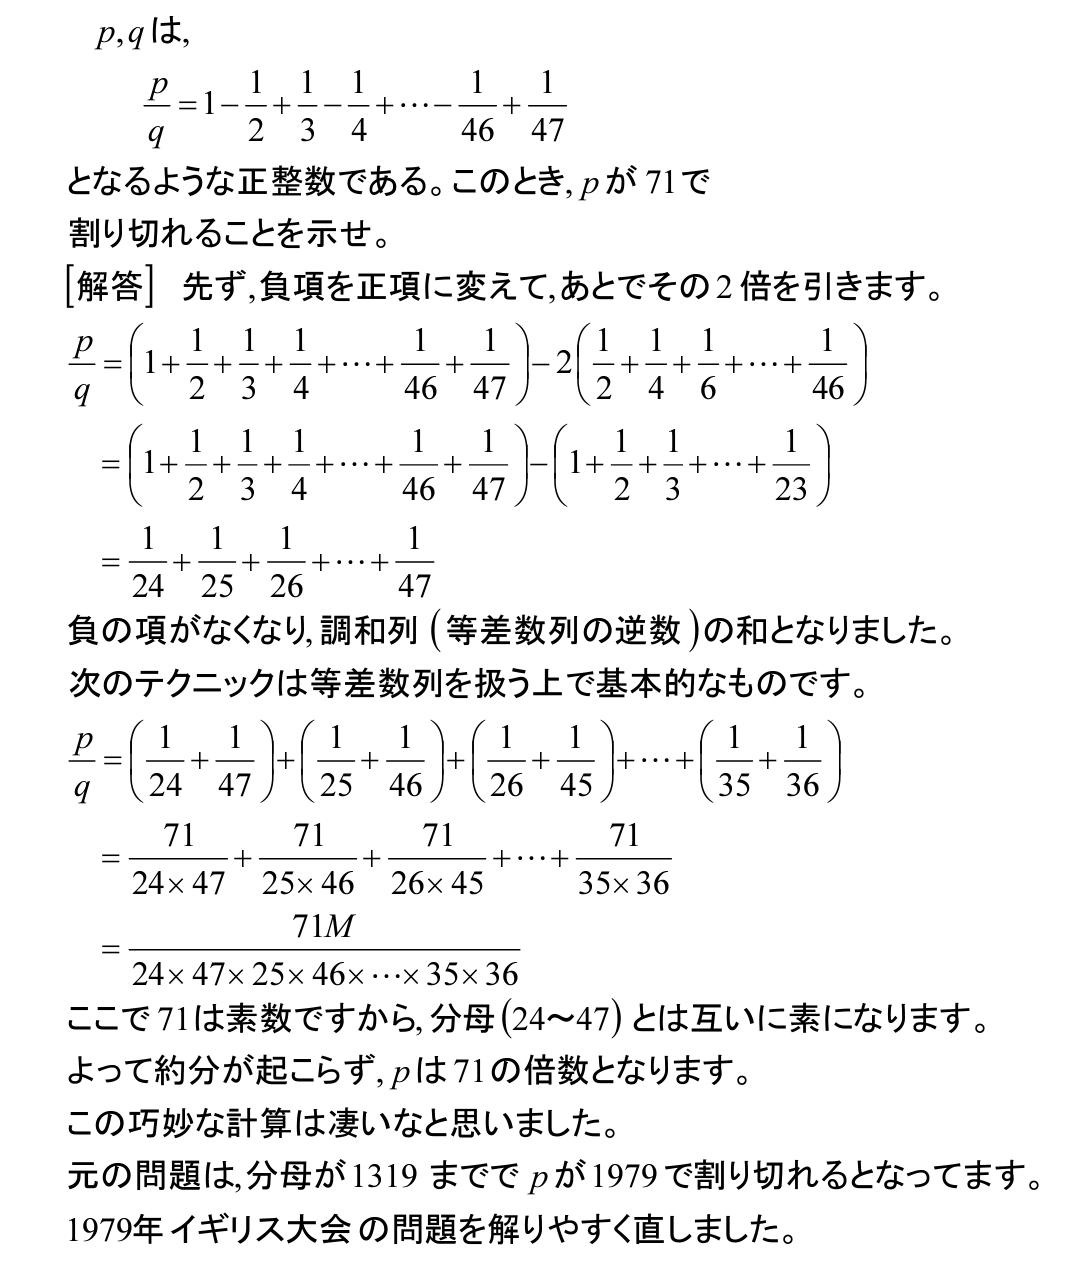 数学オリンピック<1>  1979  イギリス_b0368745_08134215.png